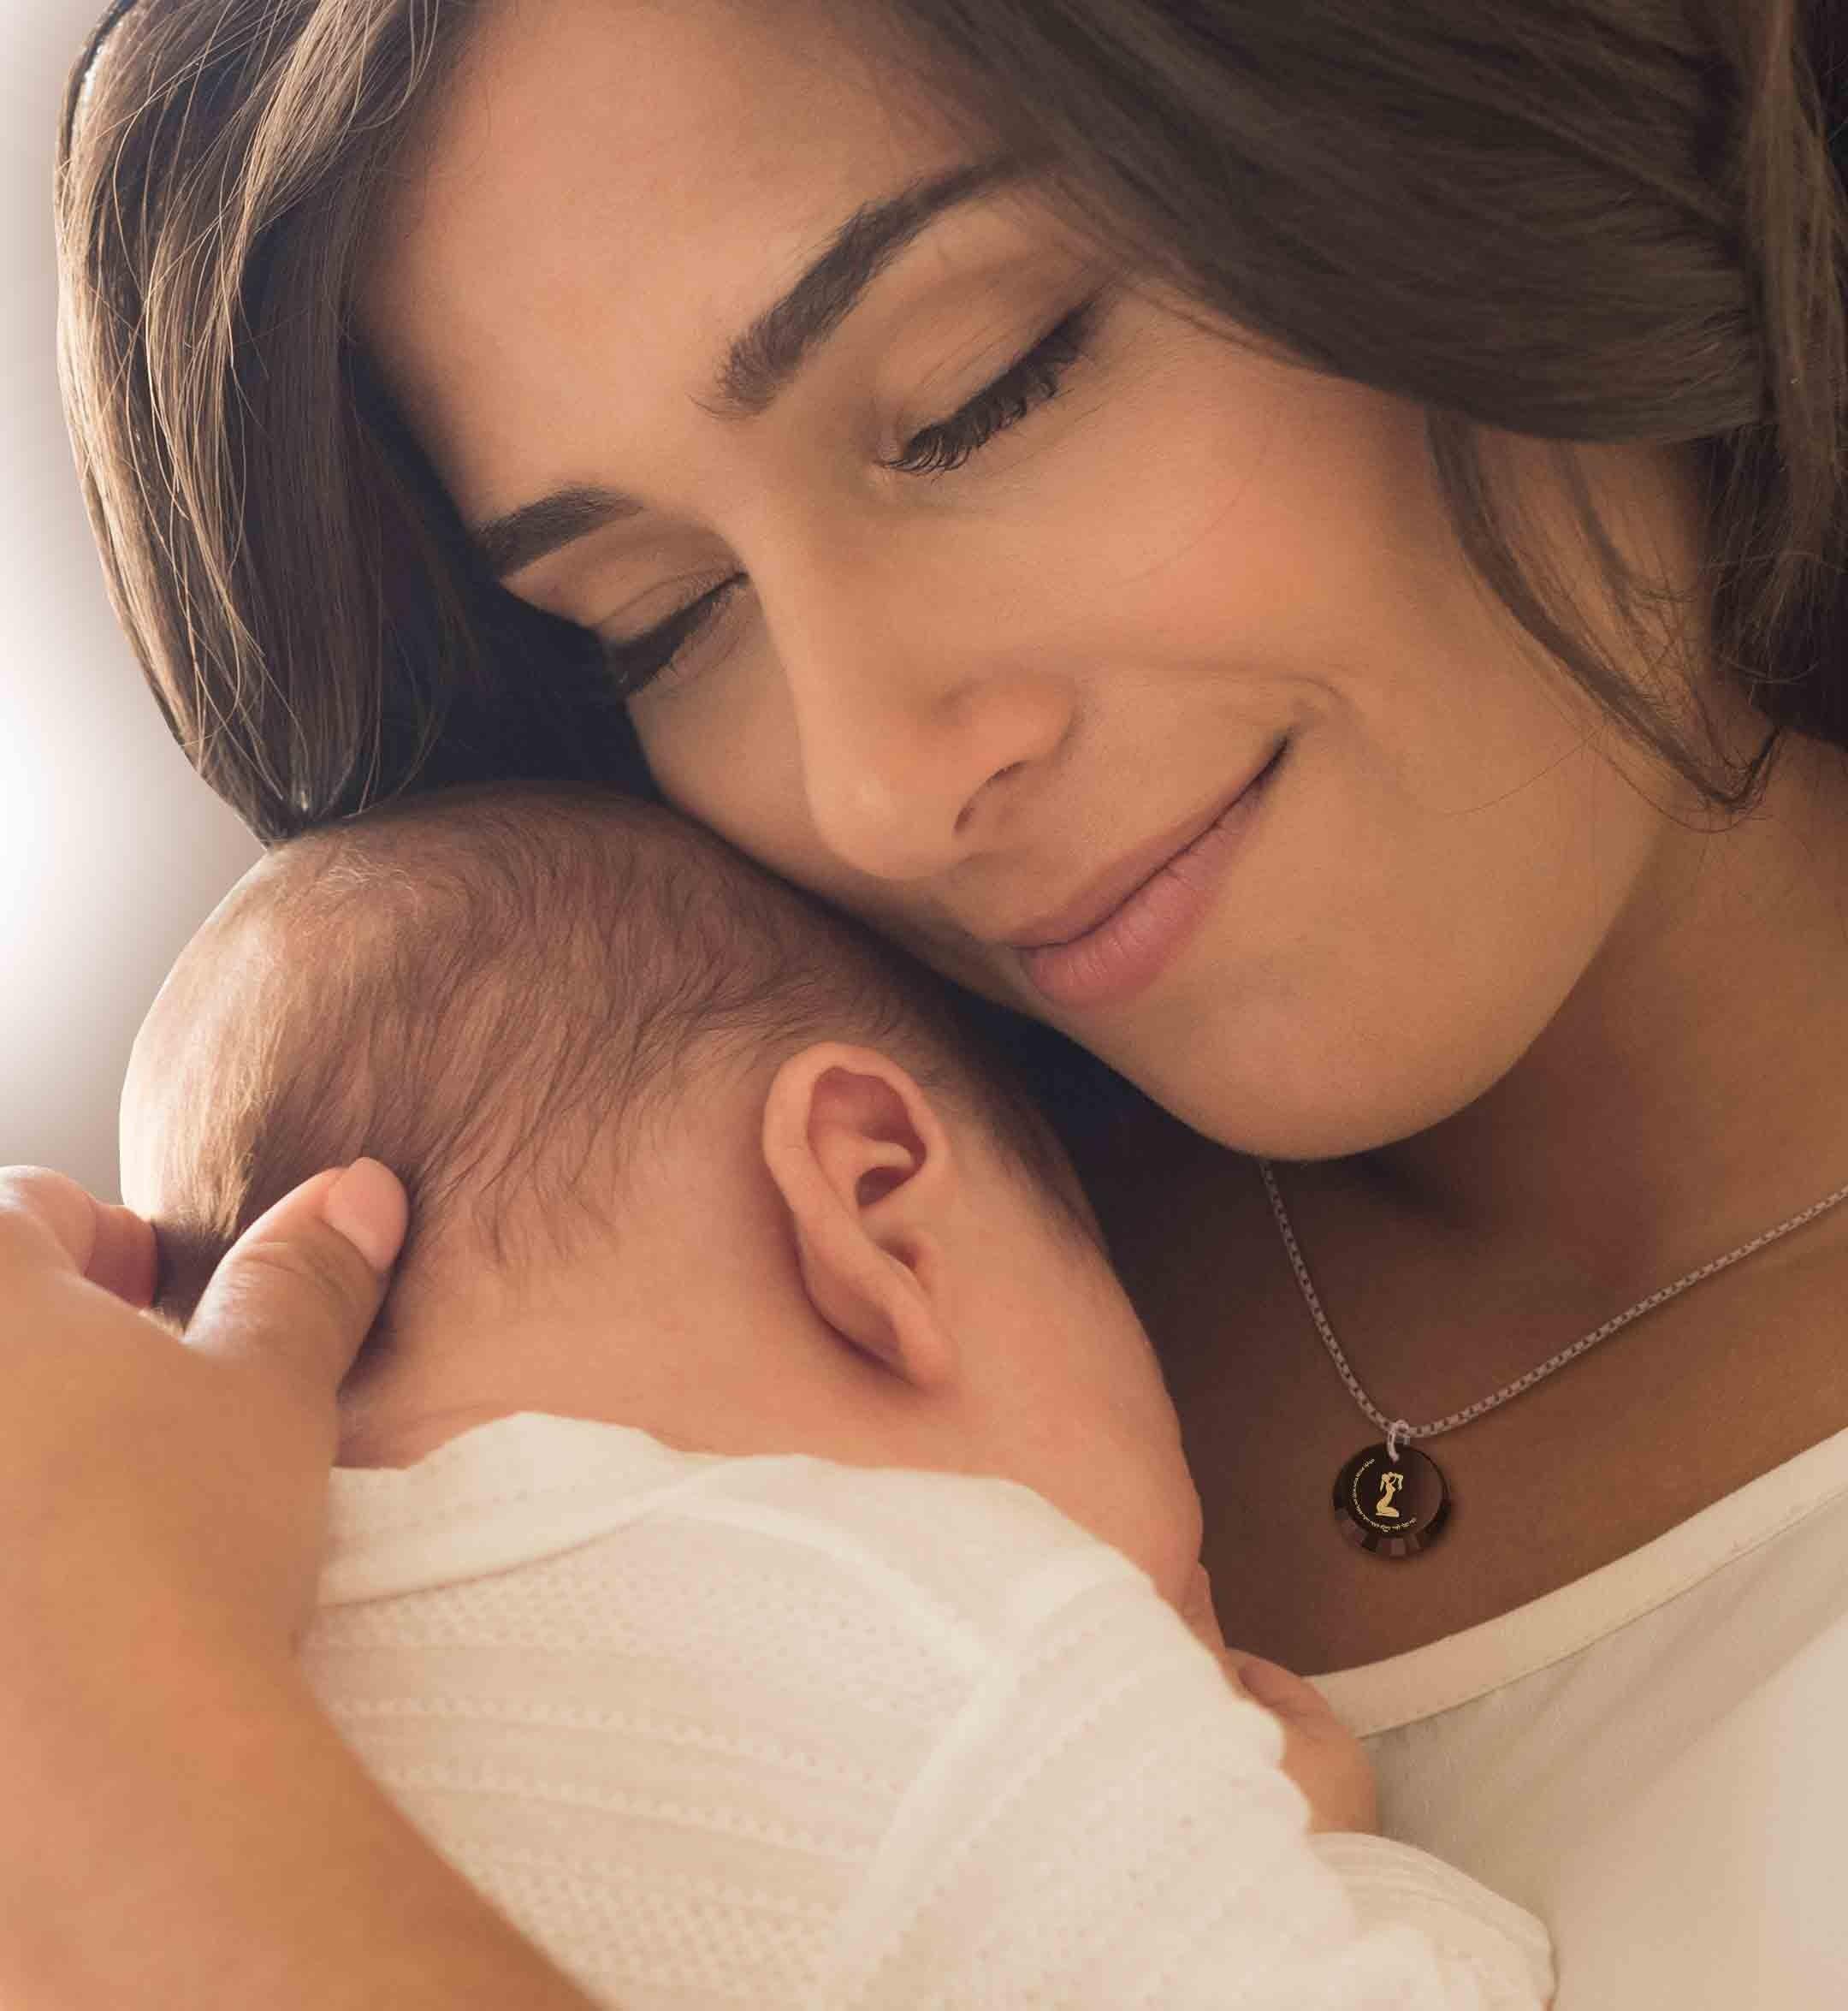 מתנה ליולדת - שרשרת עם ברכה לשלום התינוק - ננו תכשיטיםמתנה ליולדת - שרשרת עם ברכה לשלום התינוק - ננו תכשיטים